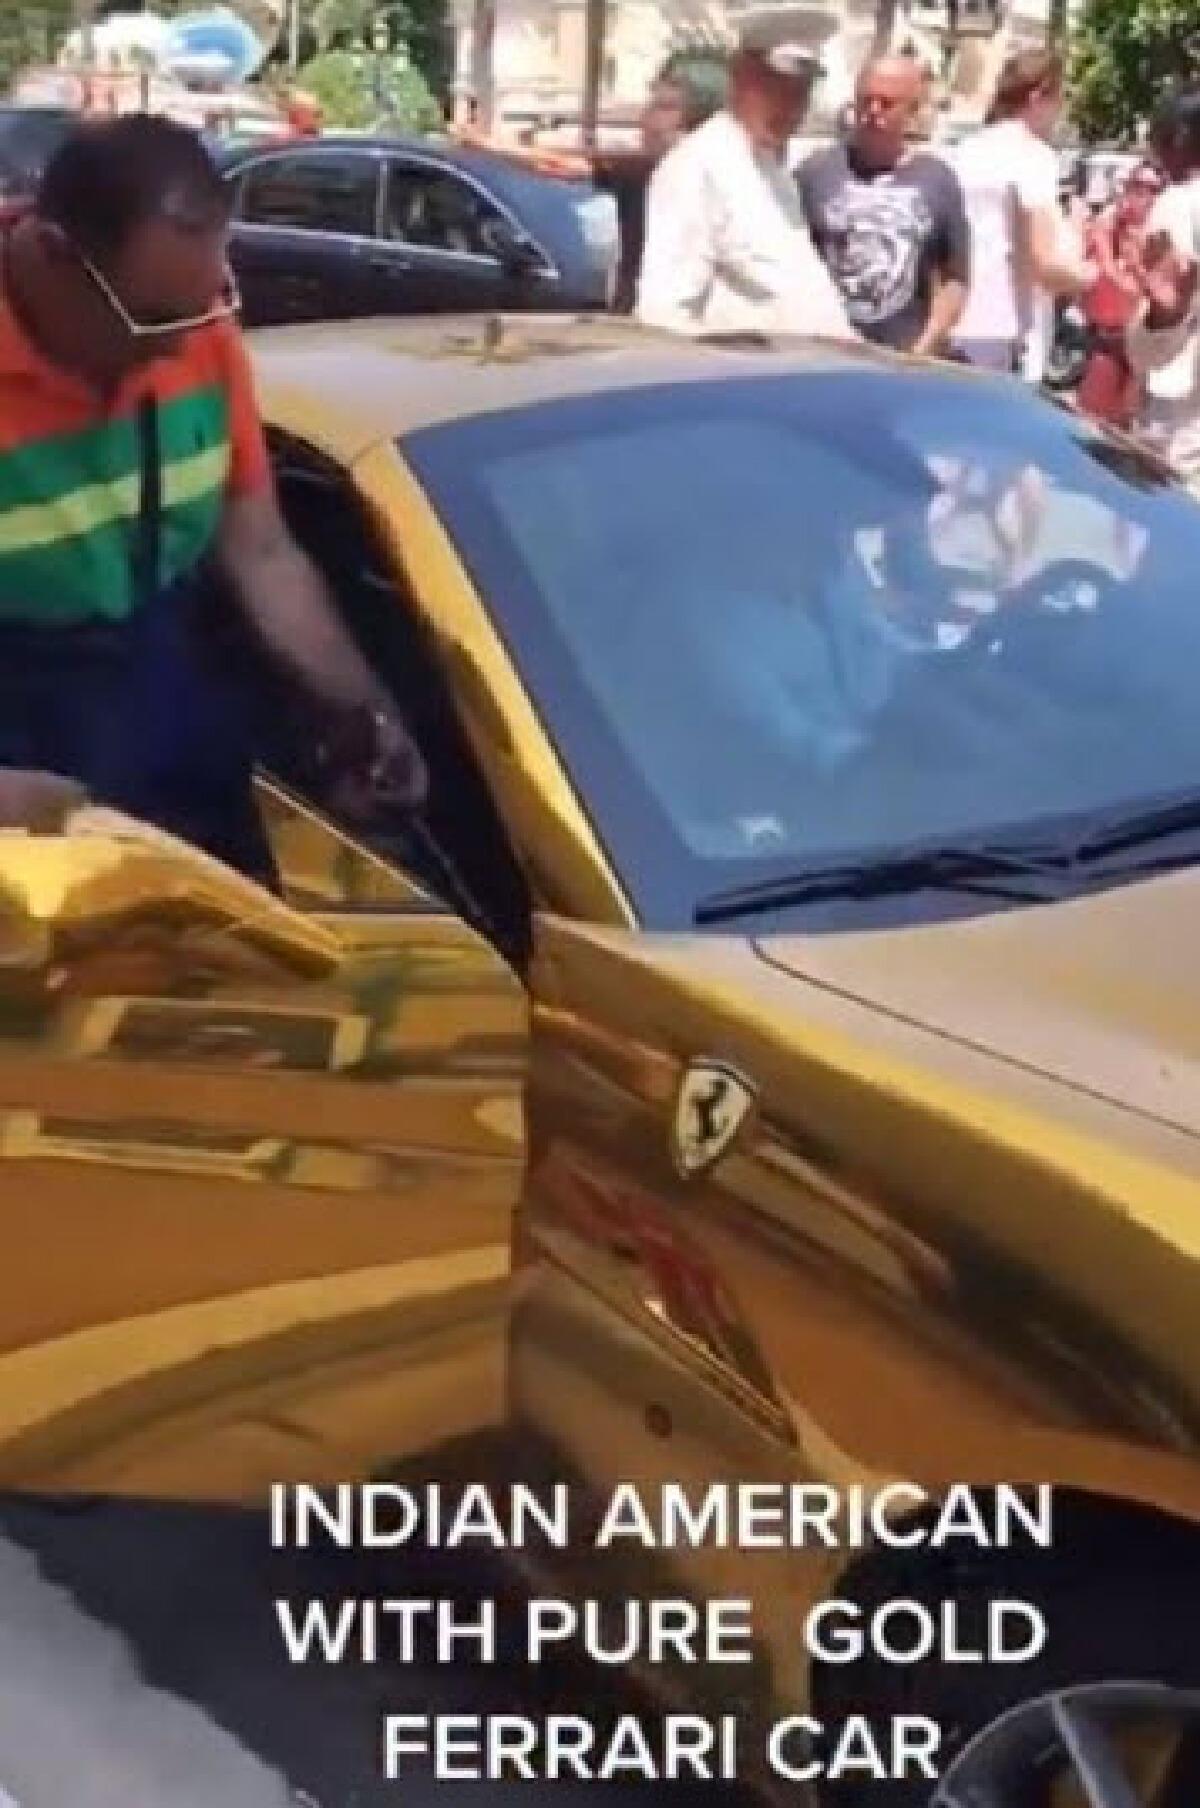 เศรษฐีอินเดียขับเฟอร์รารี่ทองอร่าม อวดให้คนมองทั้งถนน แต่โซเชียลดันขำ